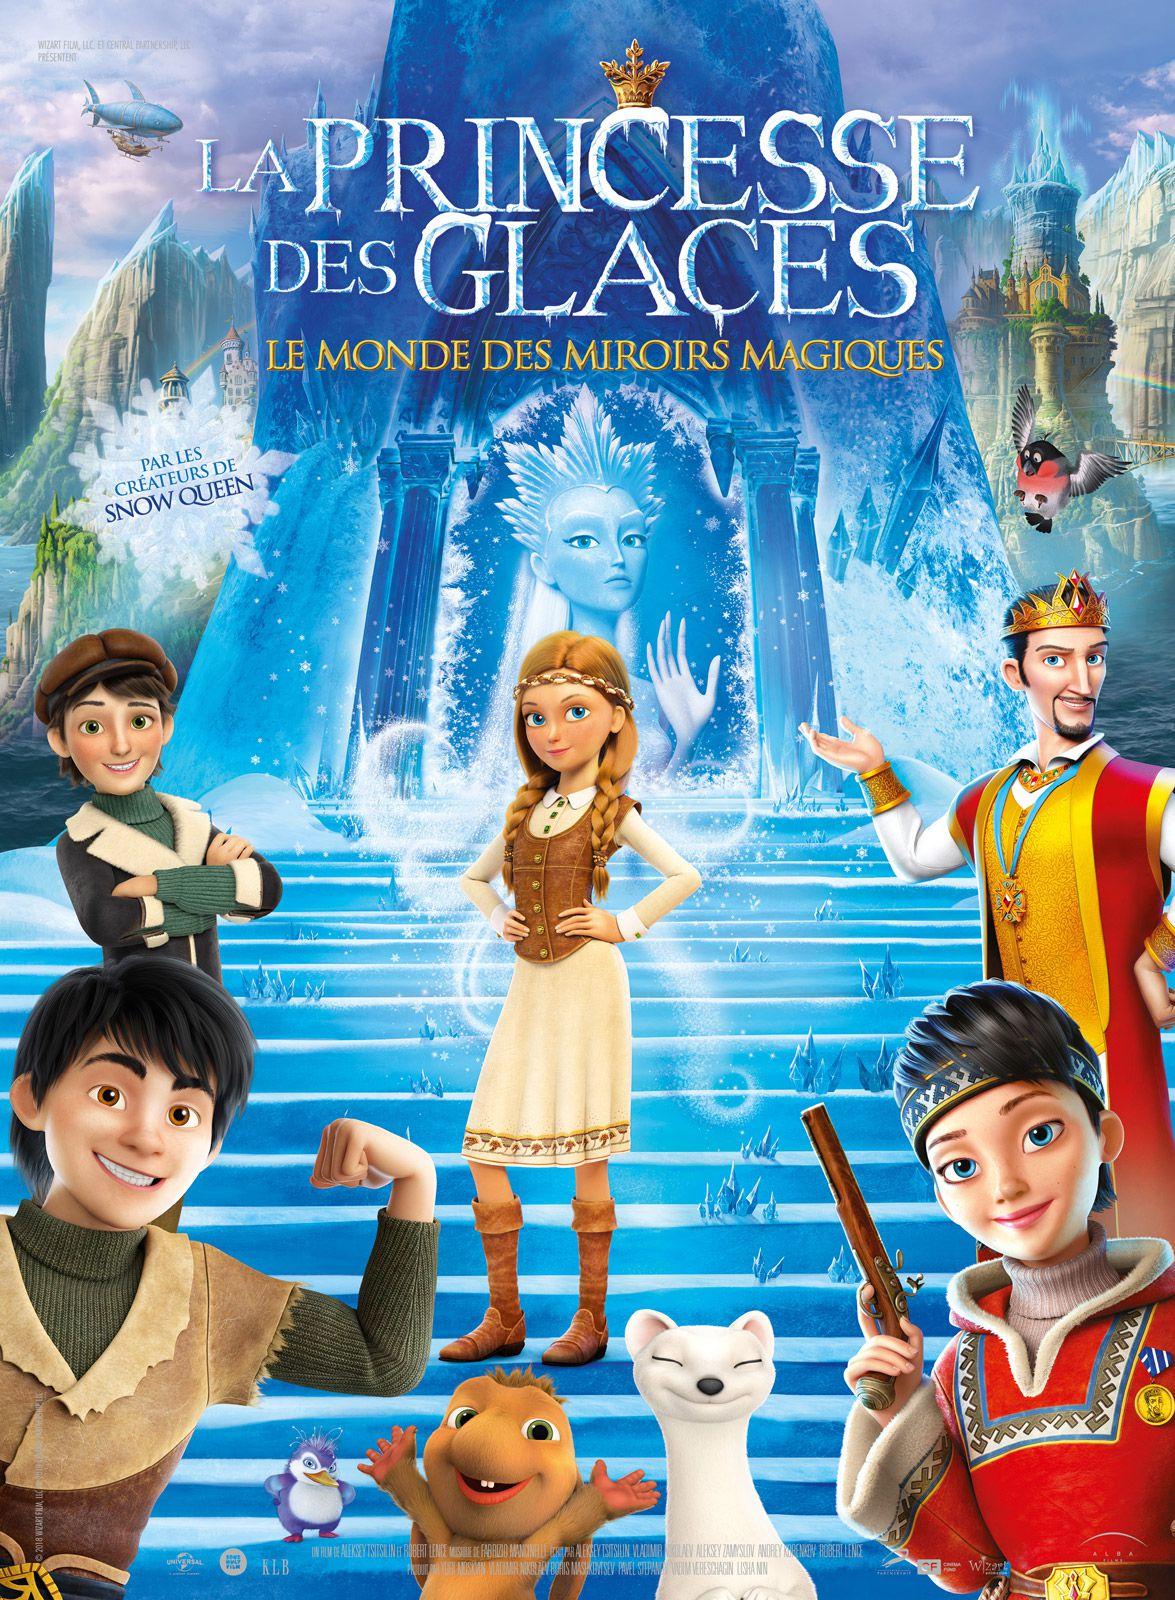 La Princesse des glaces, le monde des miroirs magiques - Long-métrage d'animation (2019)